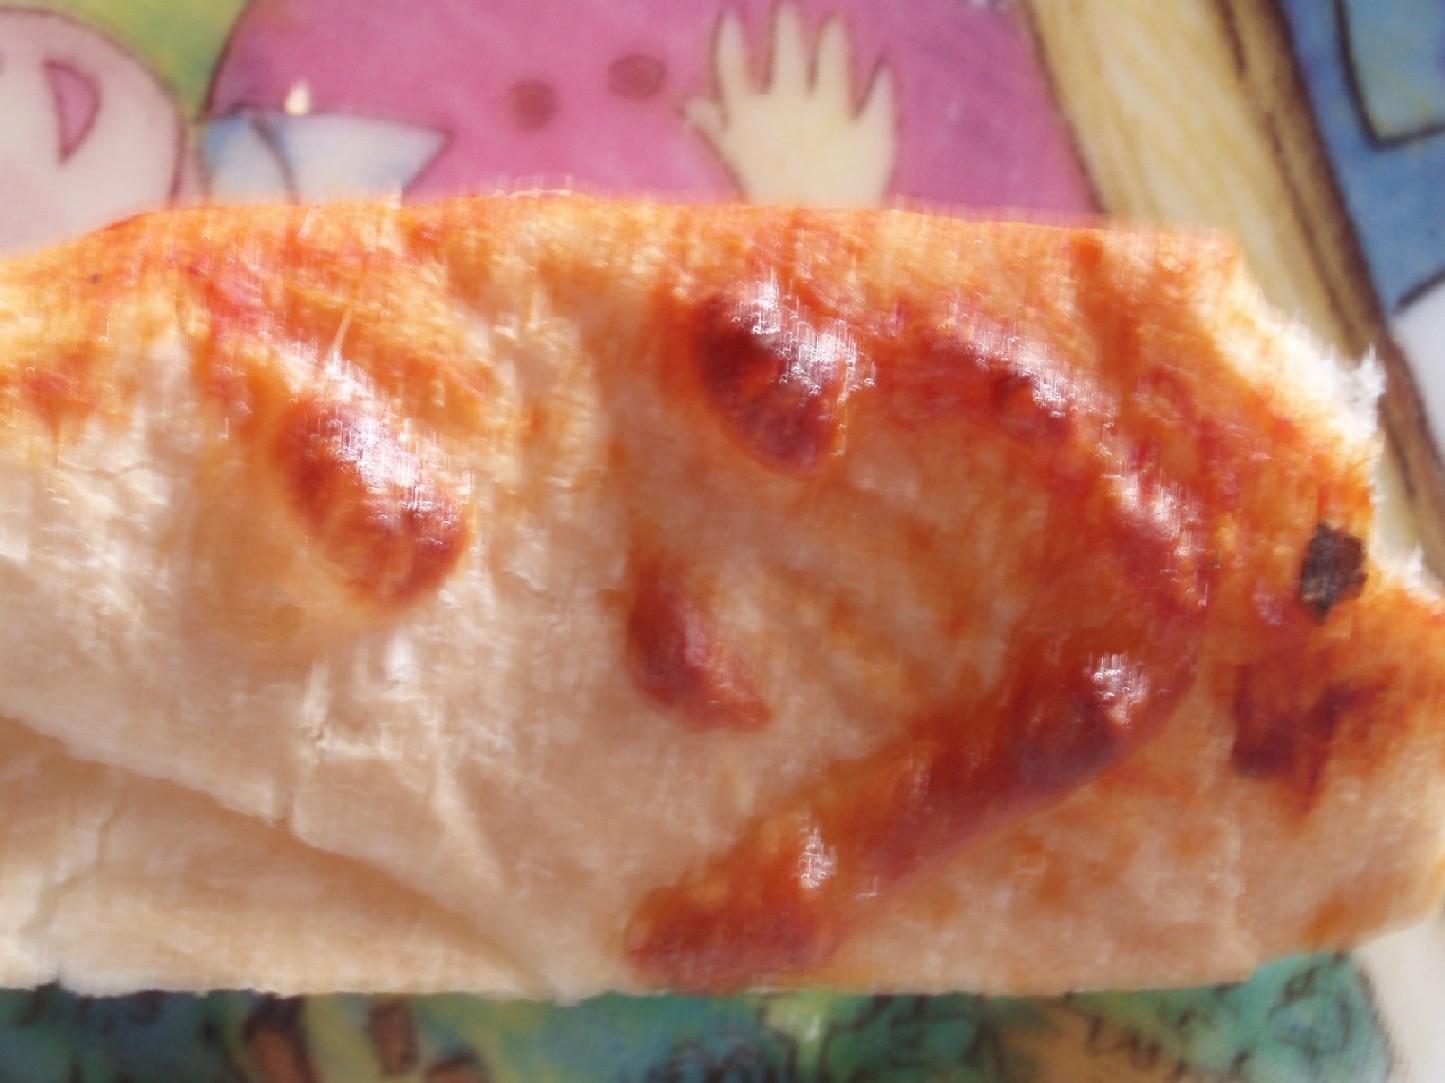 今朝焼いて食べたピザパンの耳に顔を発見!